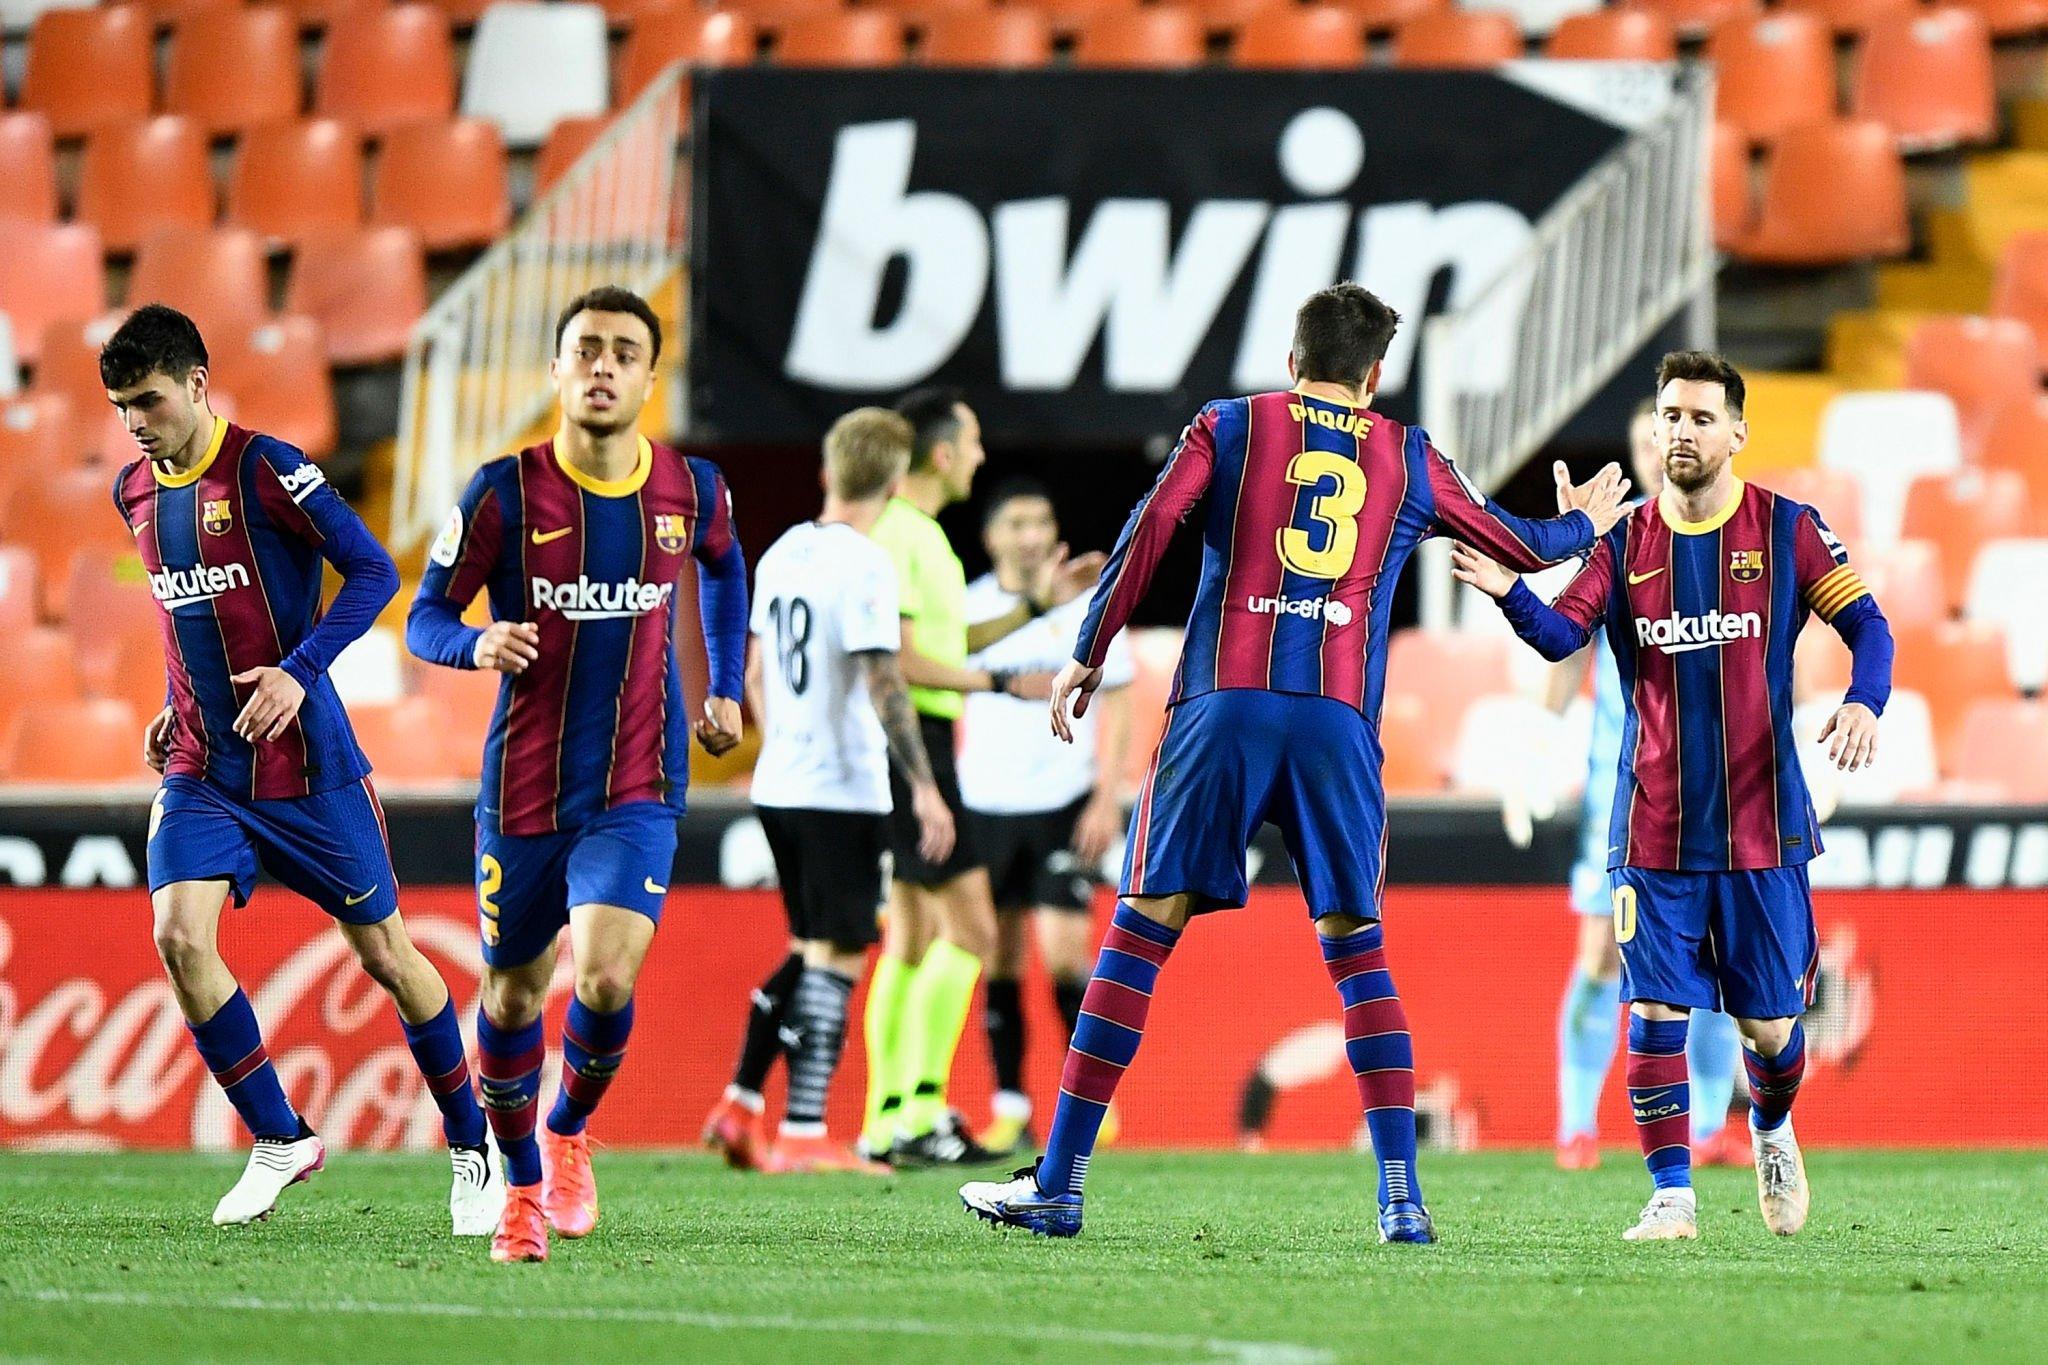 احتفال لاعبى برشلونة